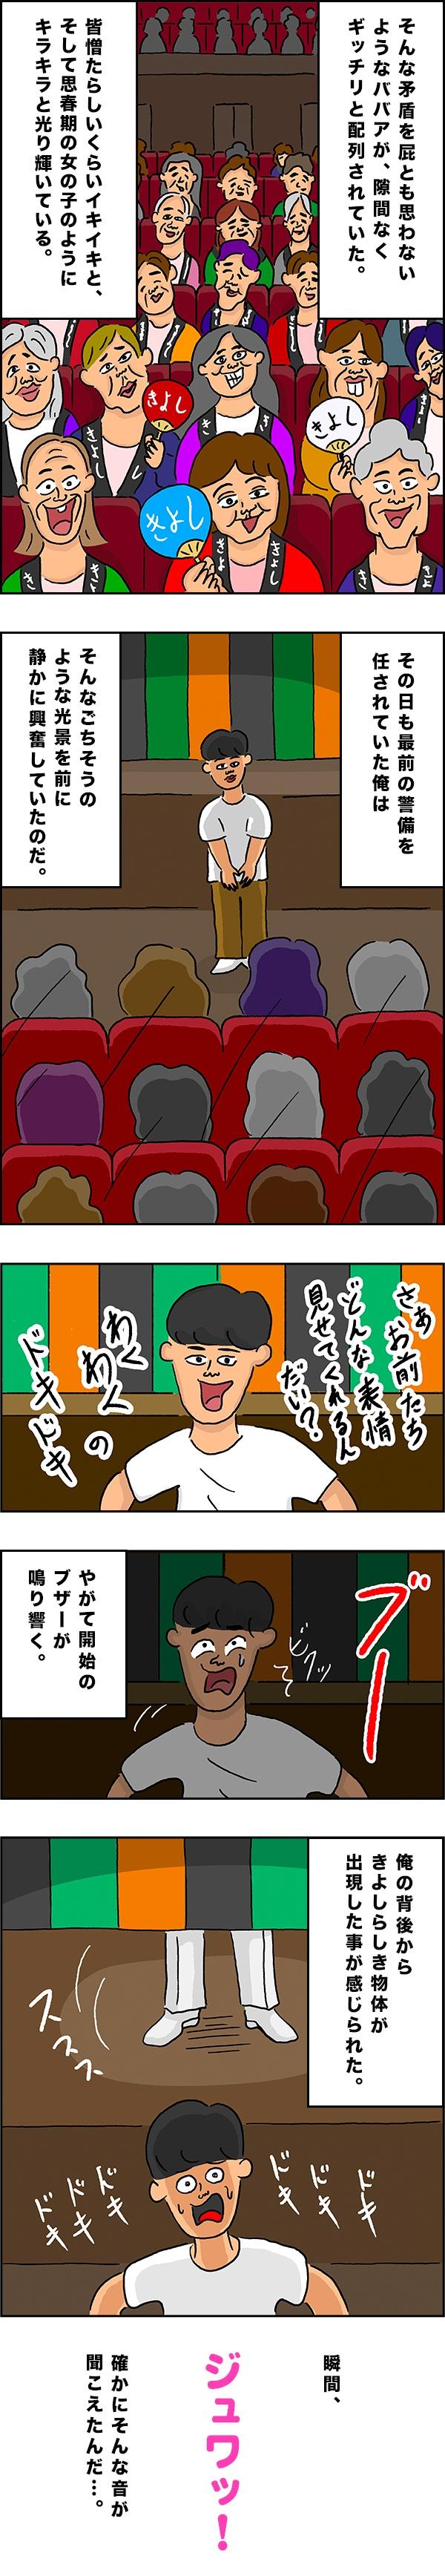 kiyoshi_02